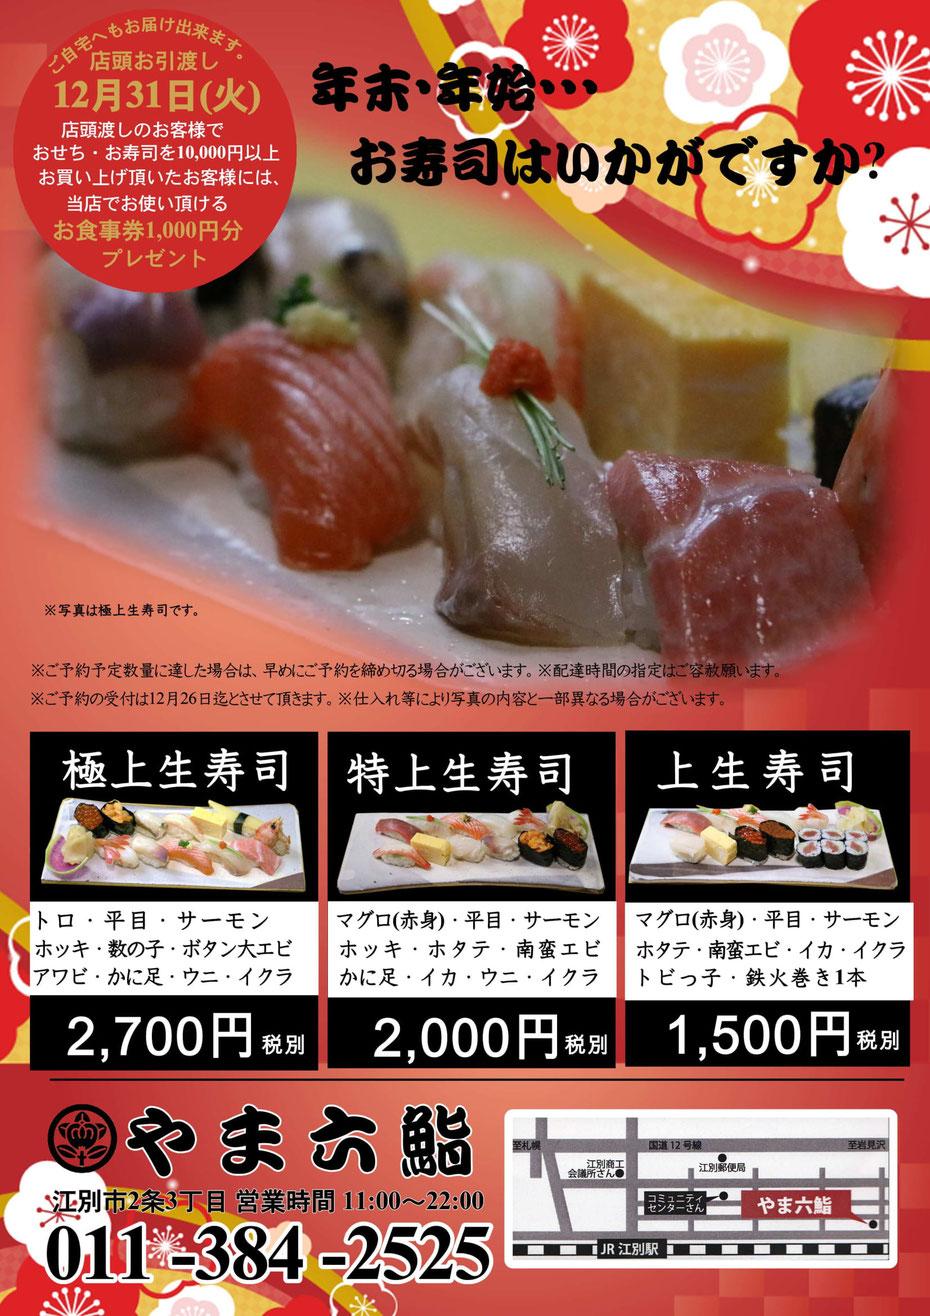 北海道 江別市 やま六鮨 年末お寿司